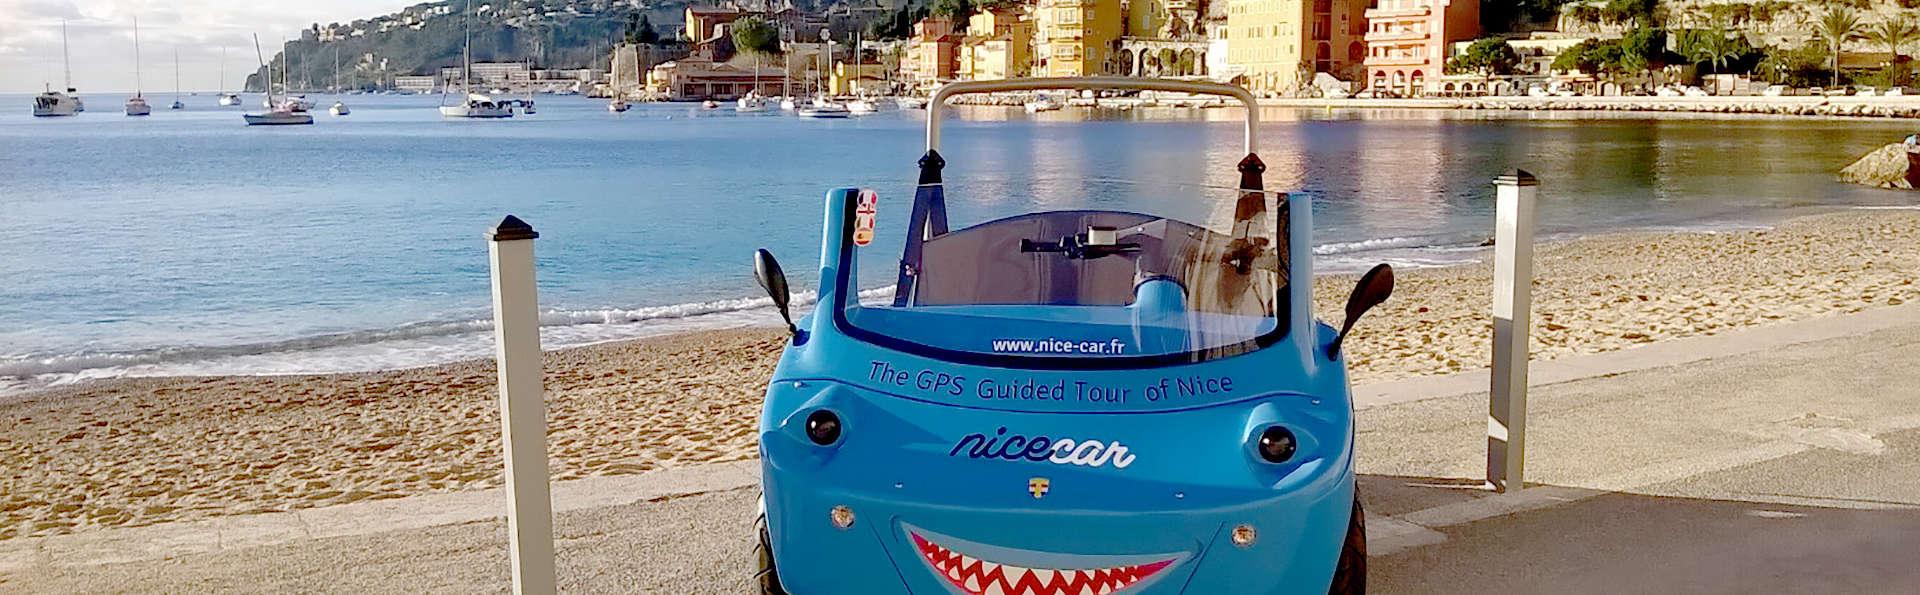 Week-end à la découverte de la French Riviera avec visite guidée